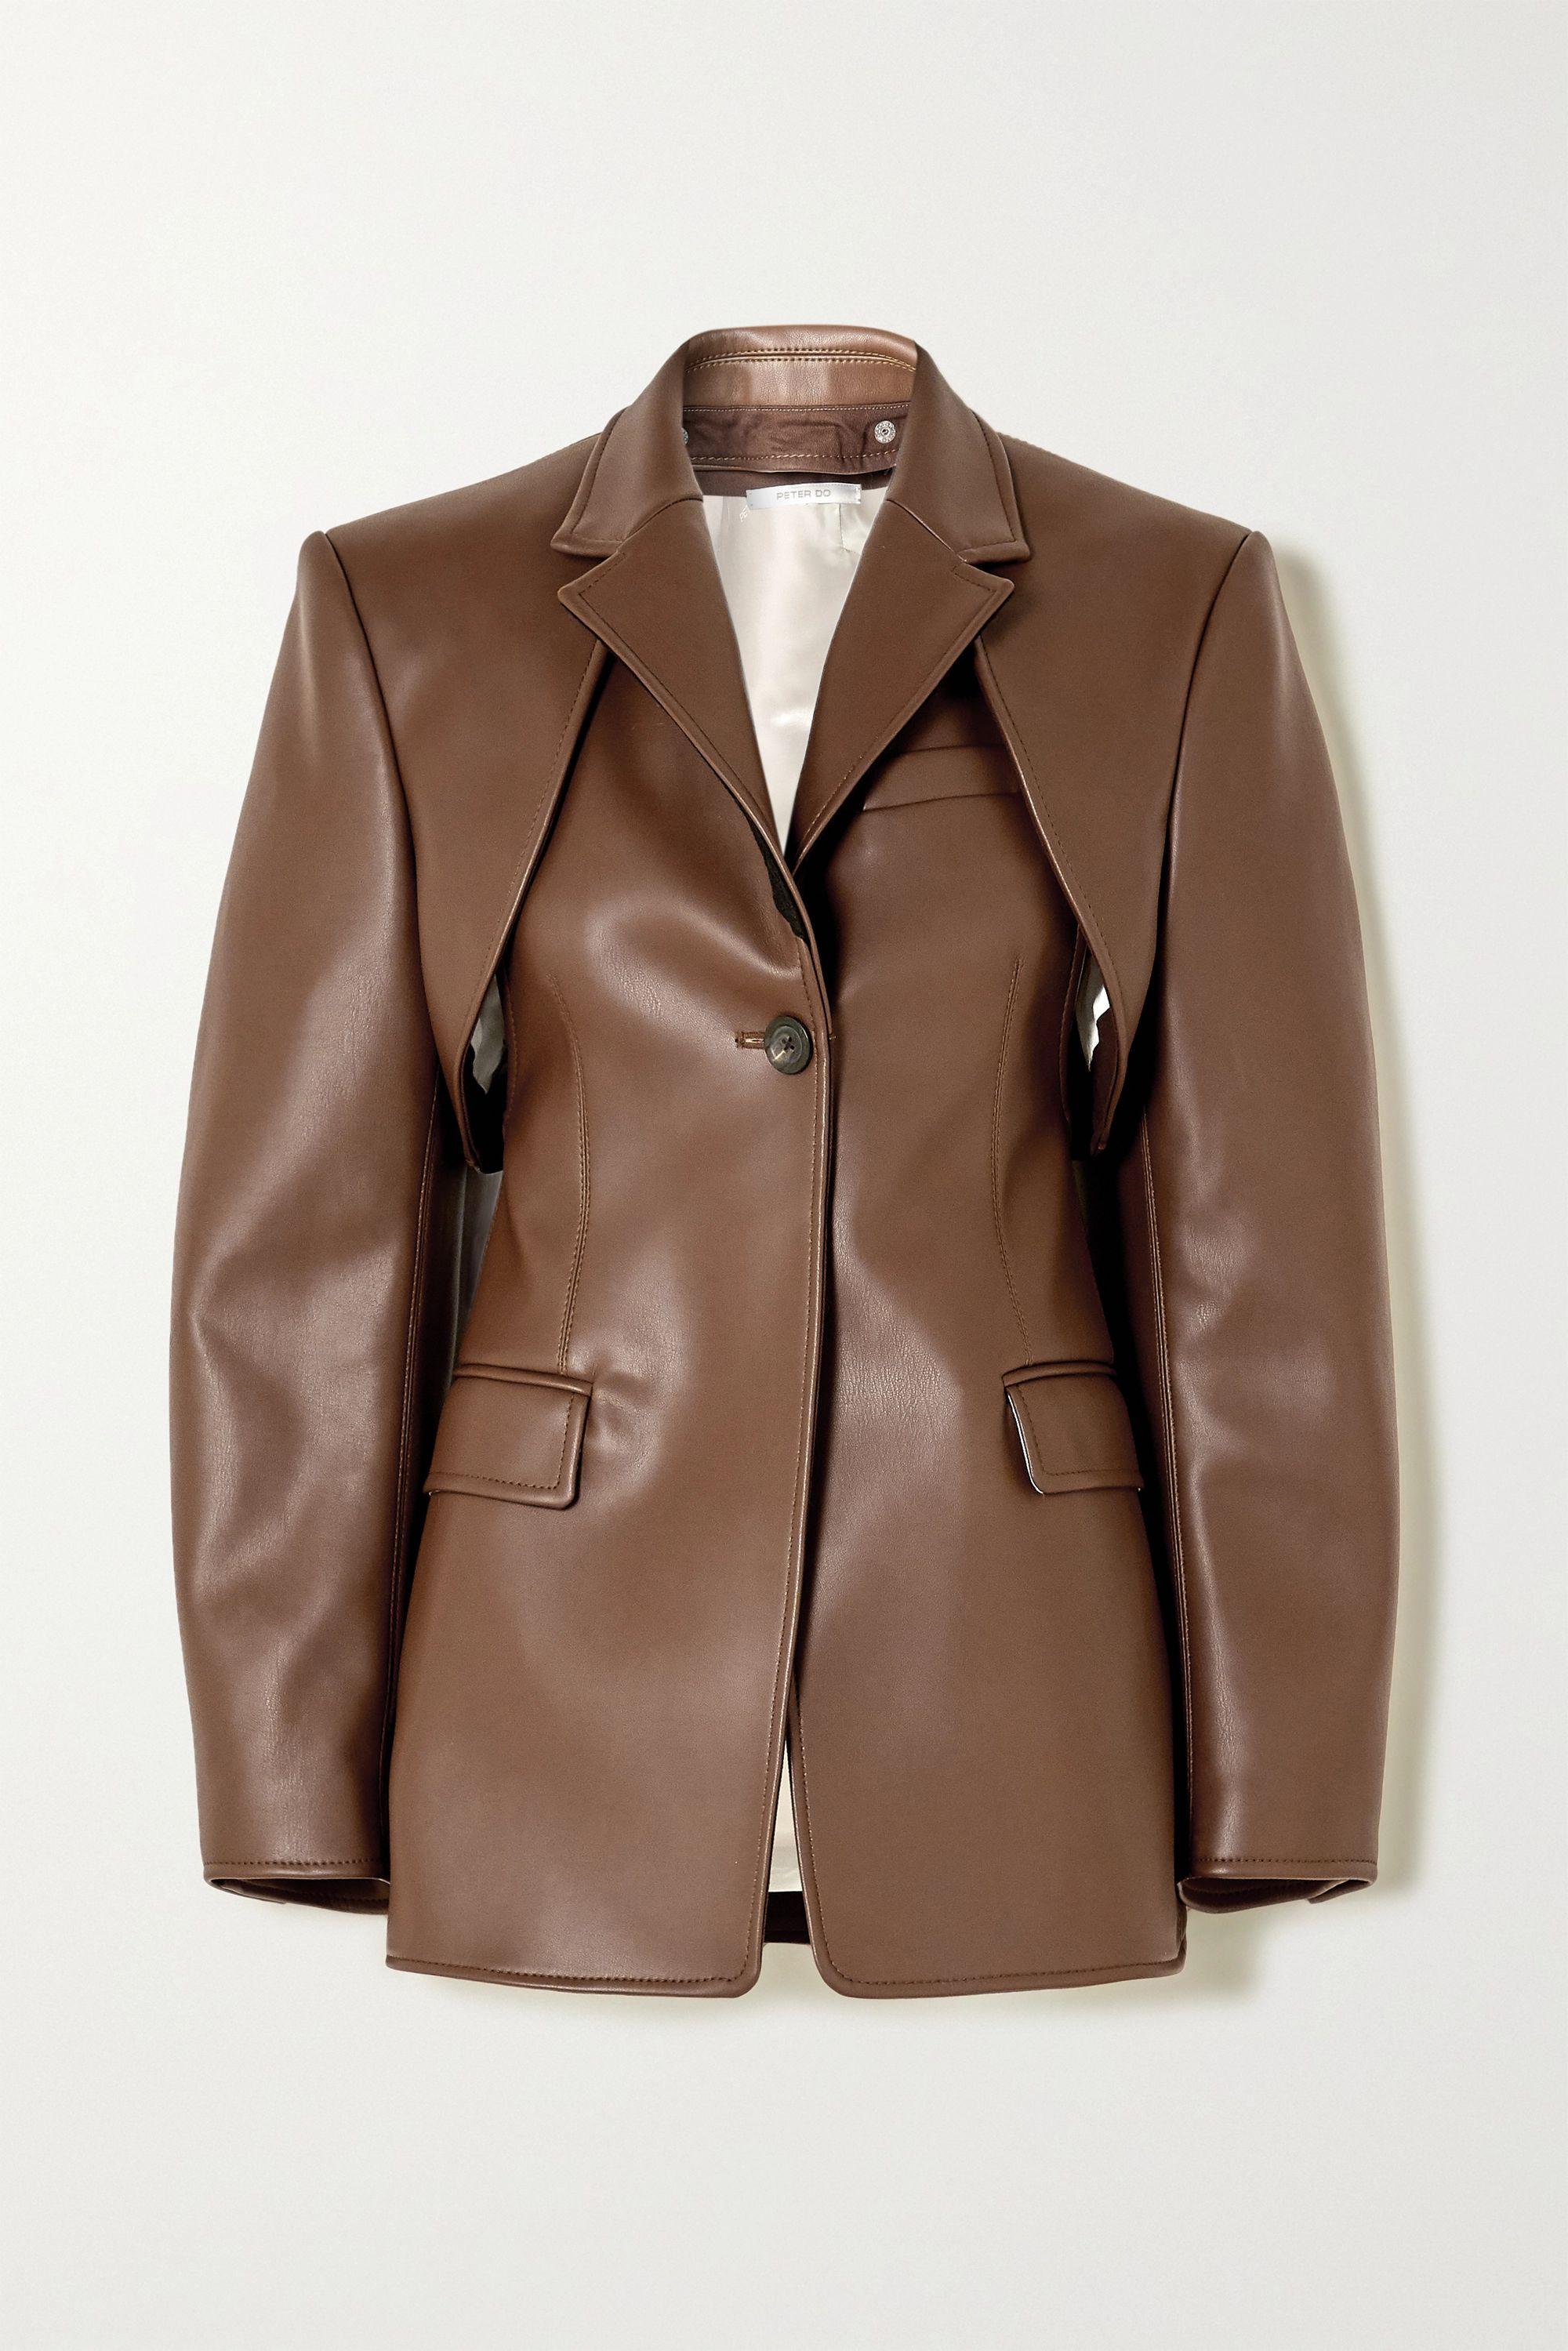 Peter Do 多种穿法人造皮革西装外套